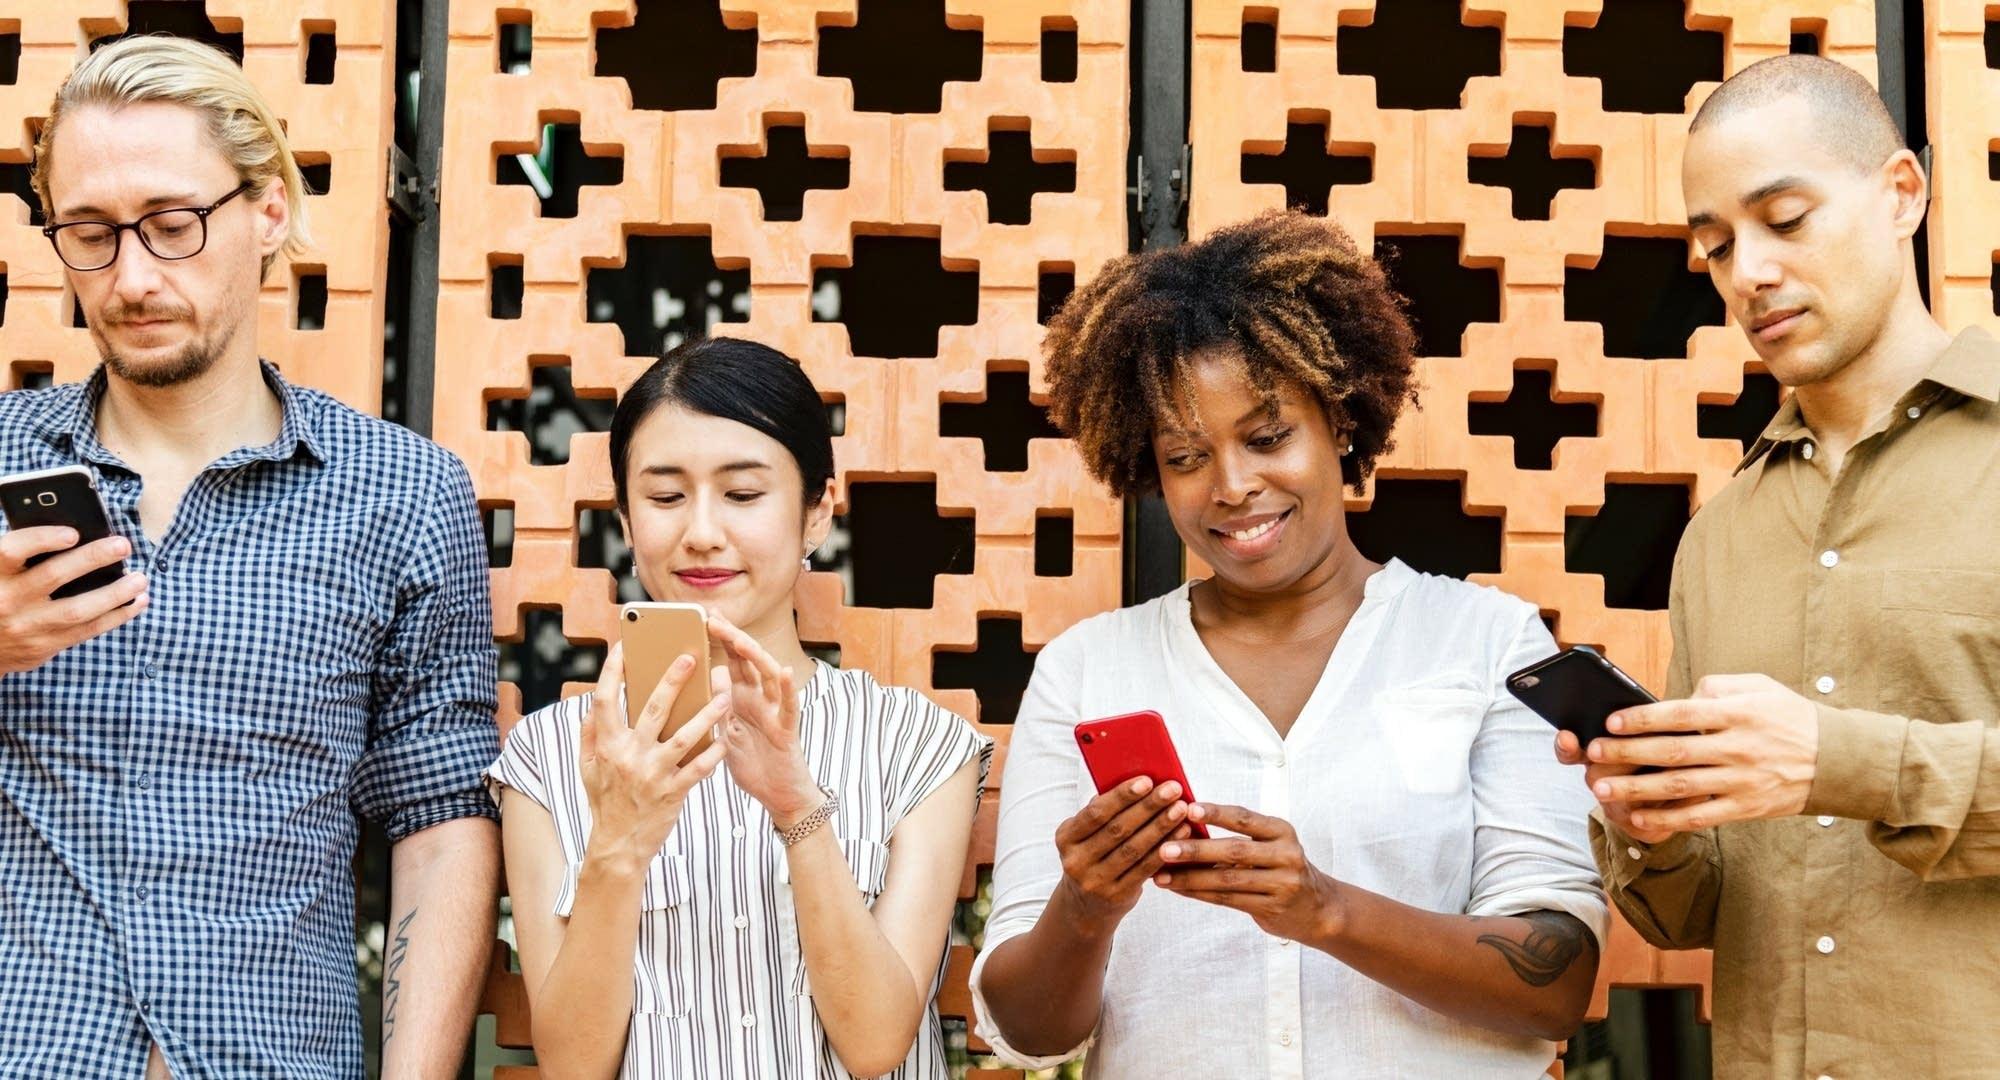 4 people on their phones